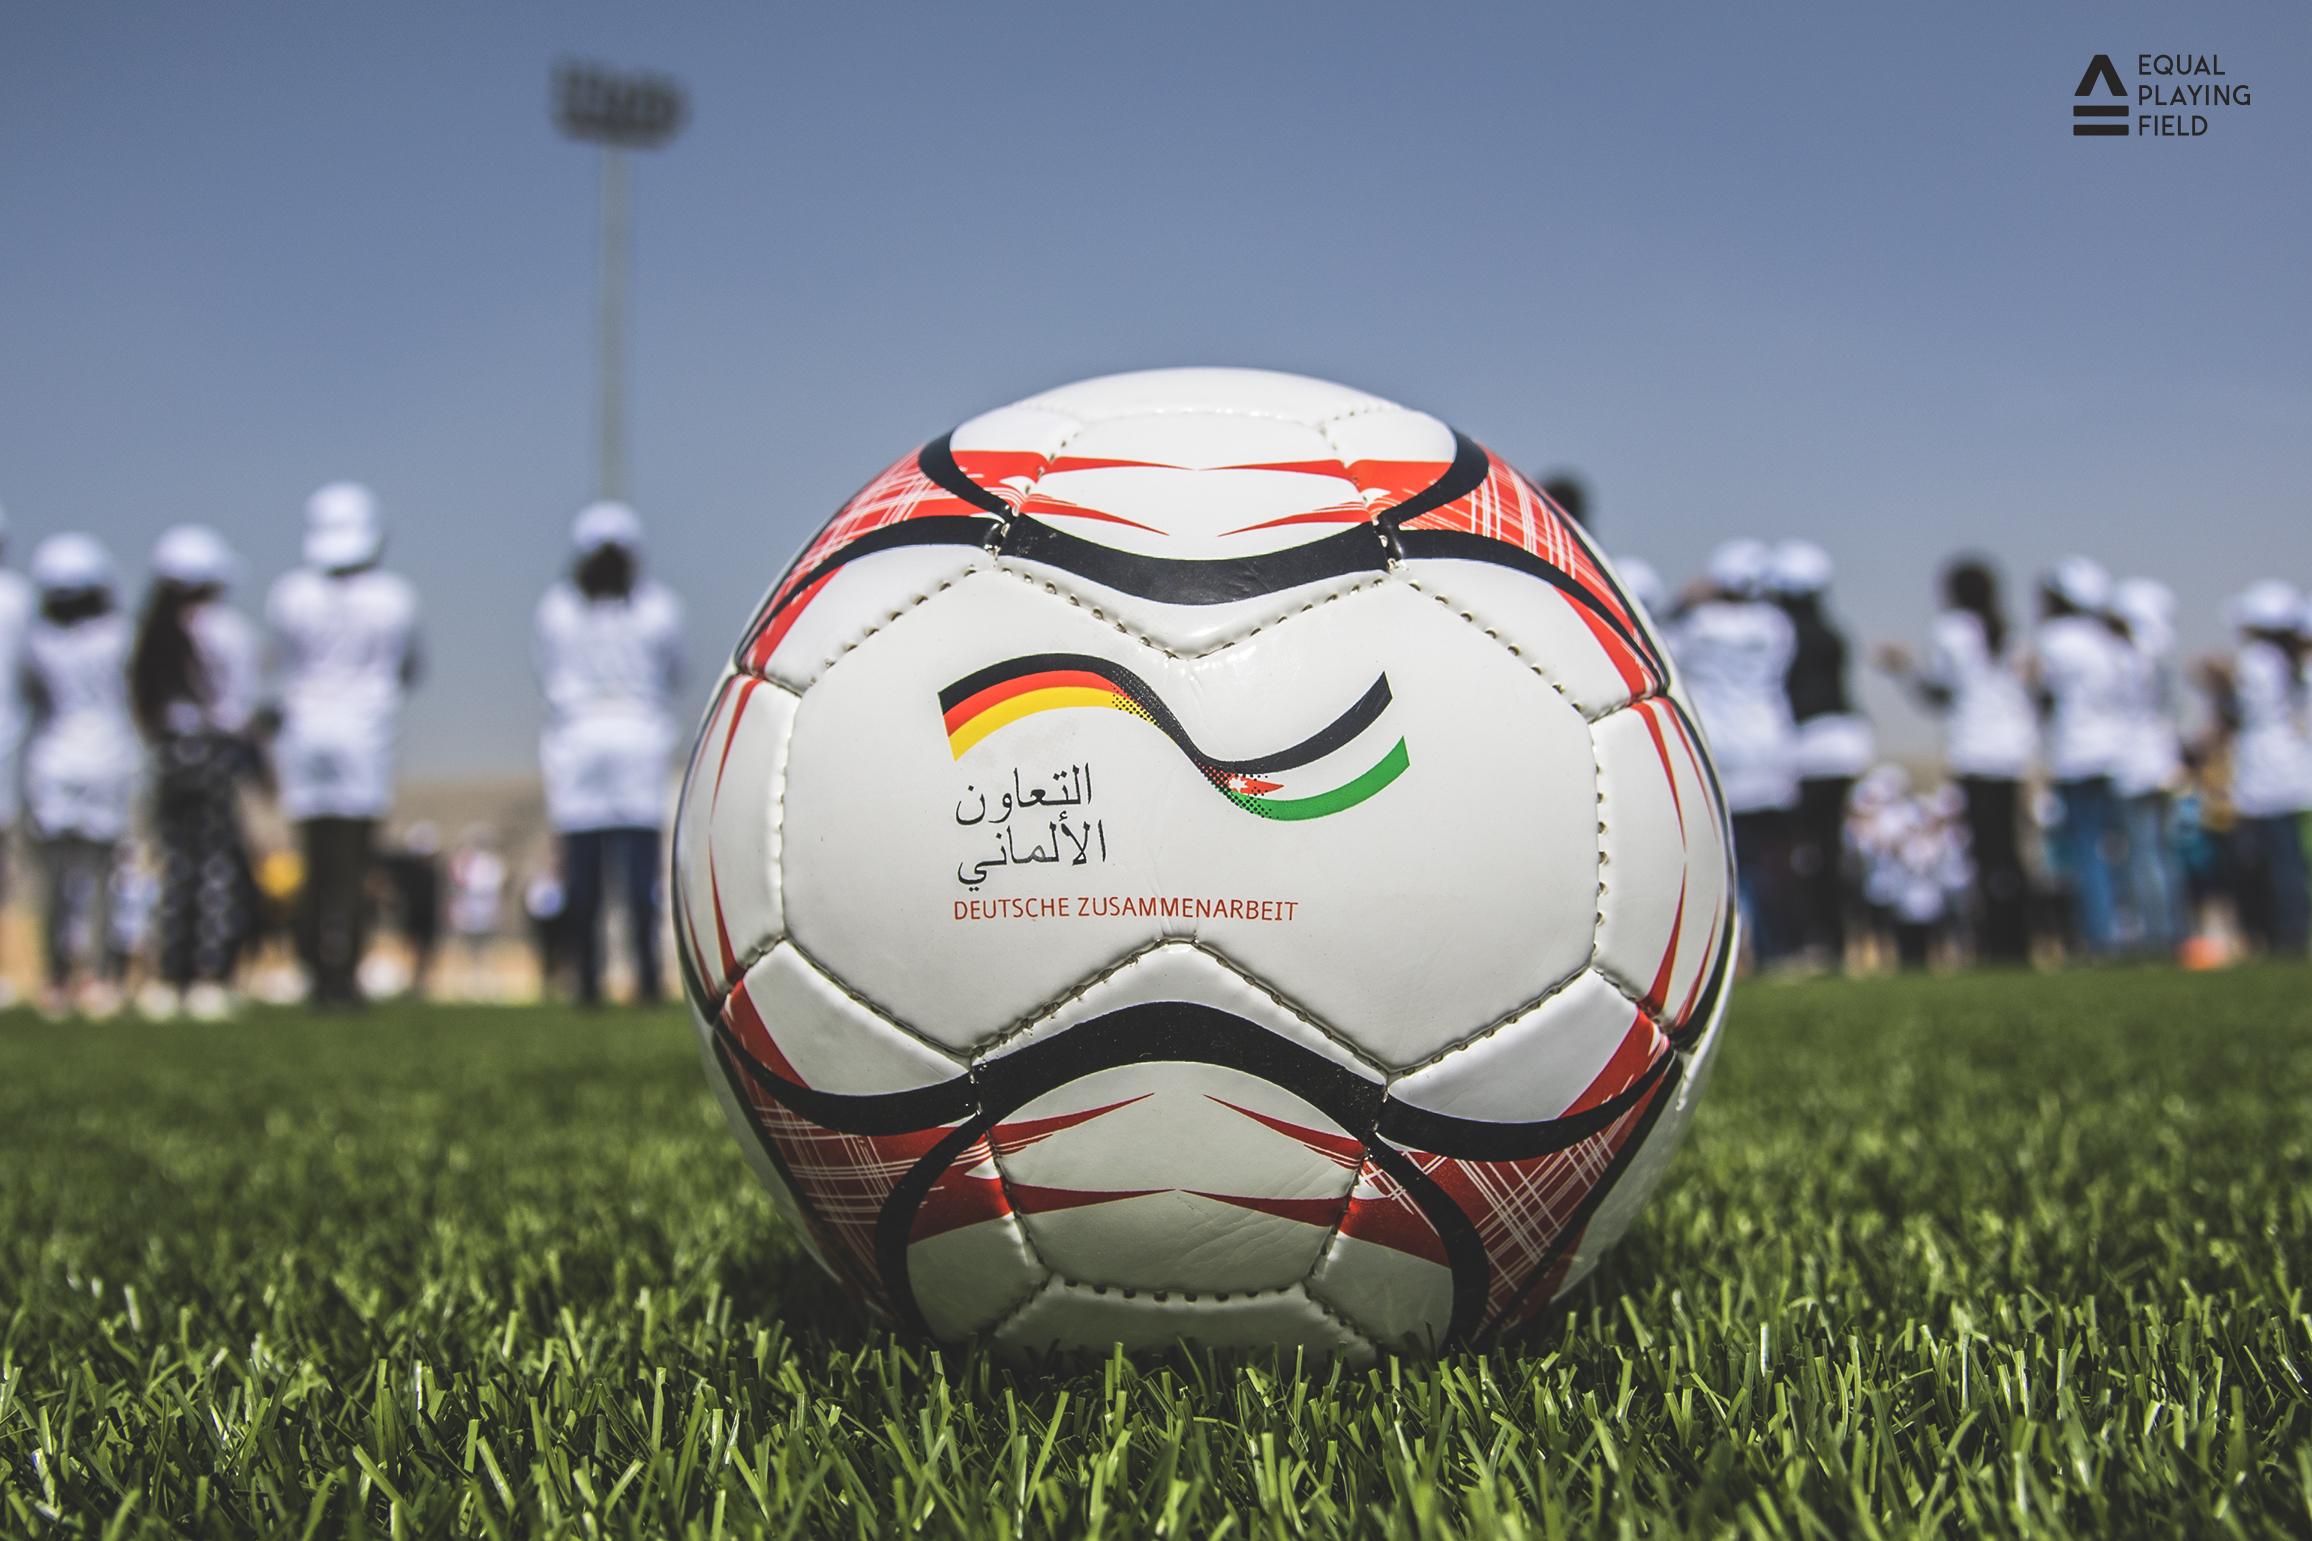 sponsorball.jpg